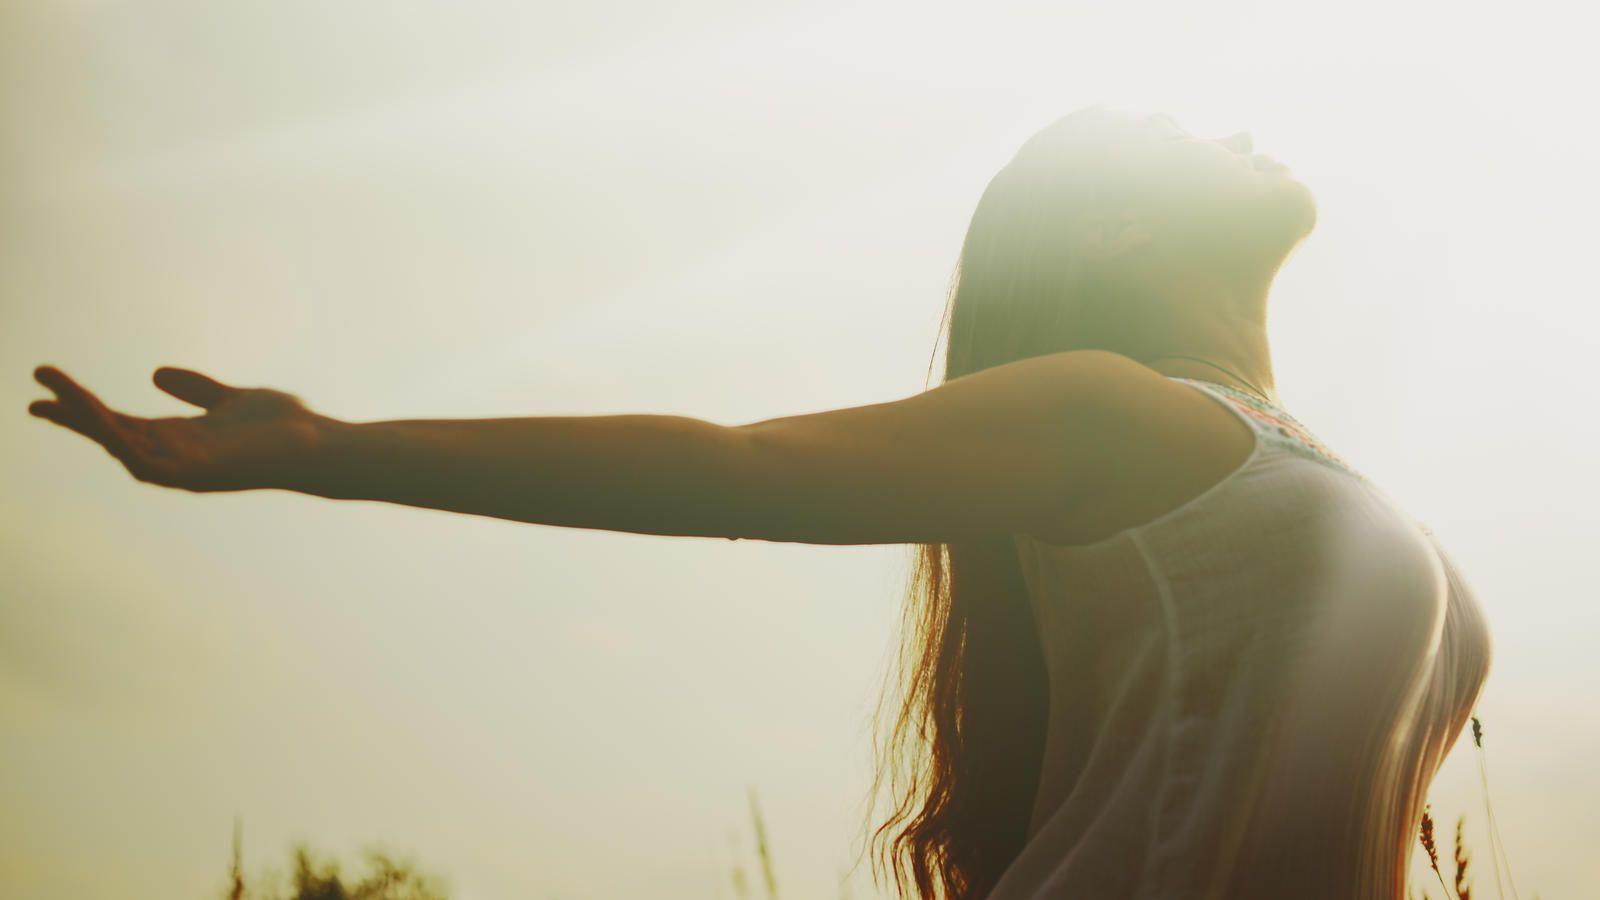 Gegen hängende brust training Hängebrüste »